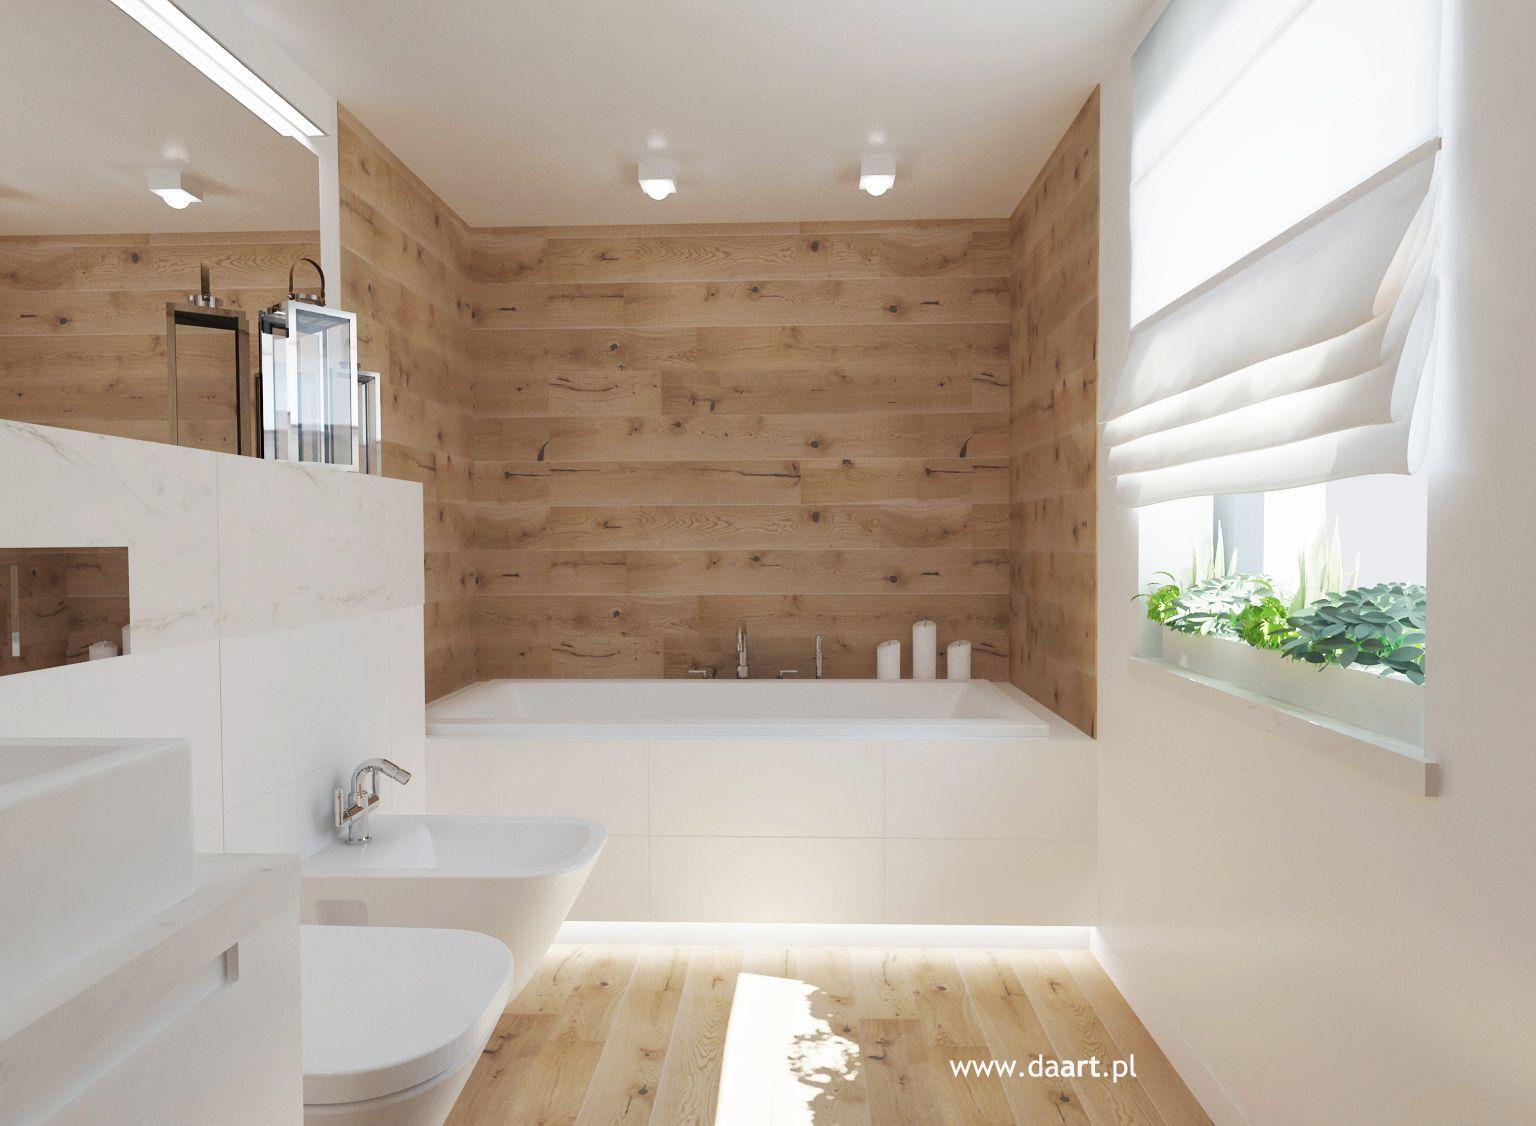 łazienki W Bieli Czerni I Drewnie Nowoczesna łazienka In